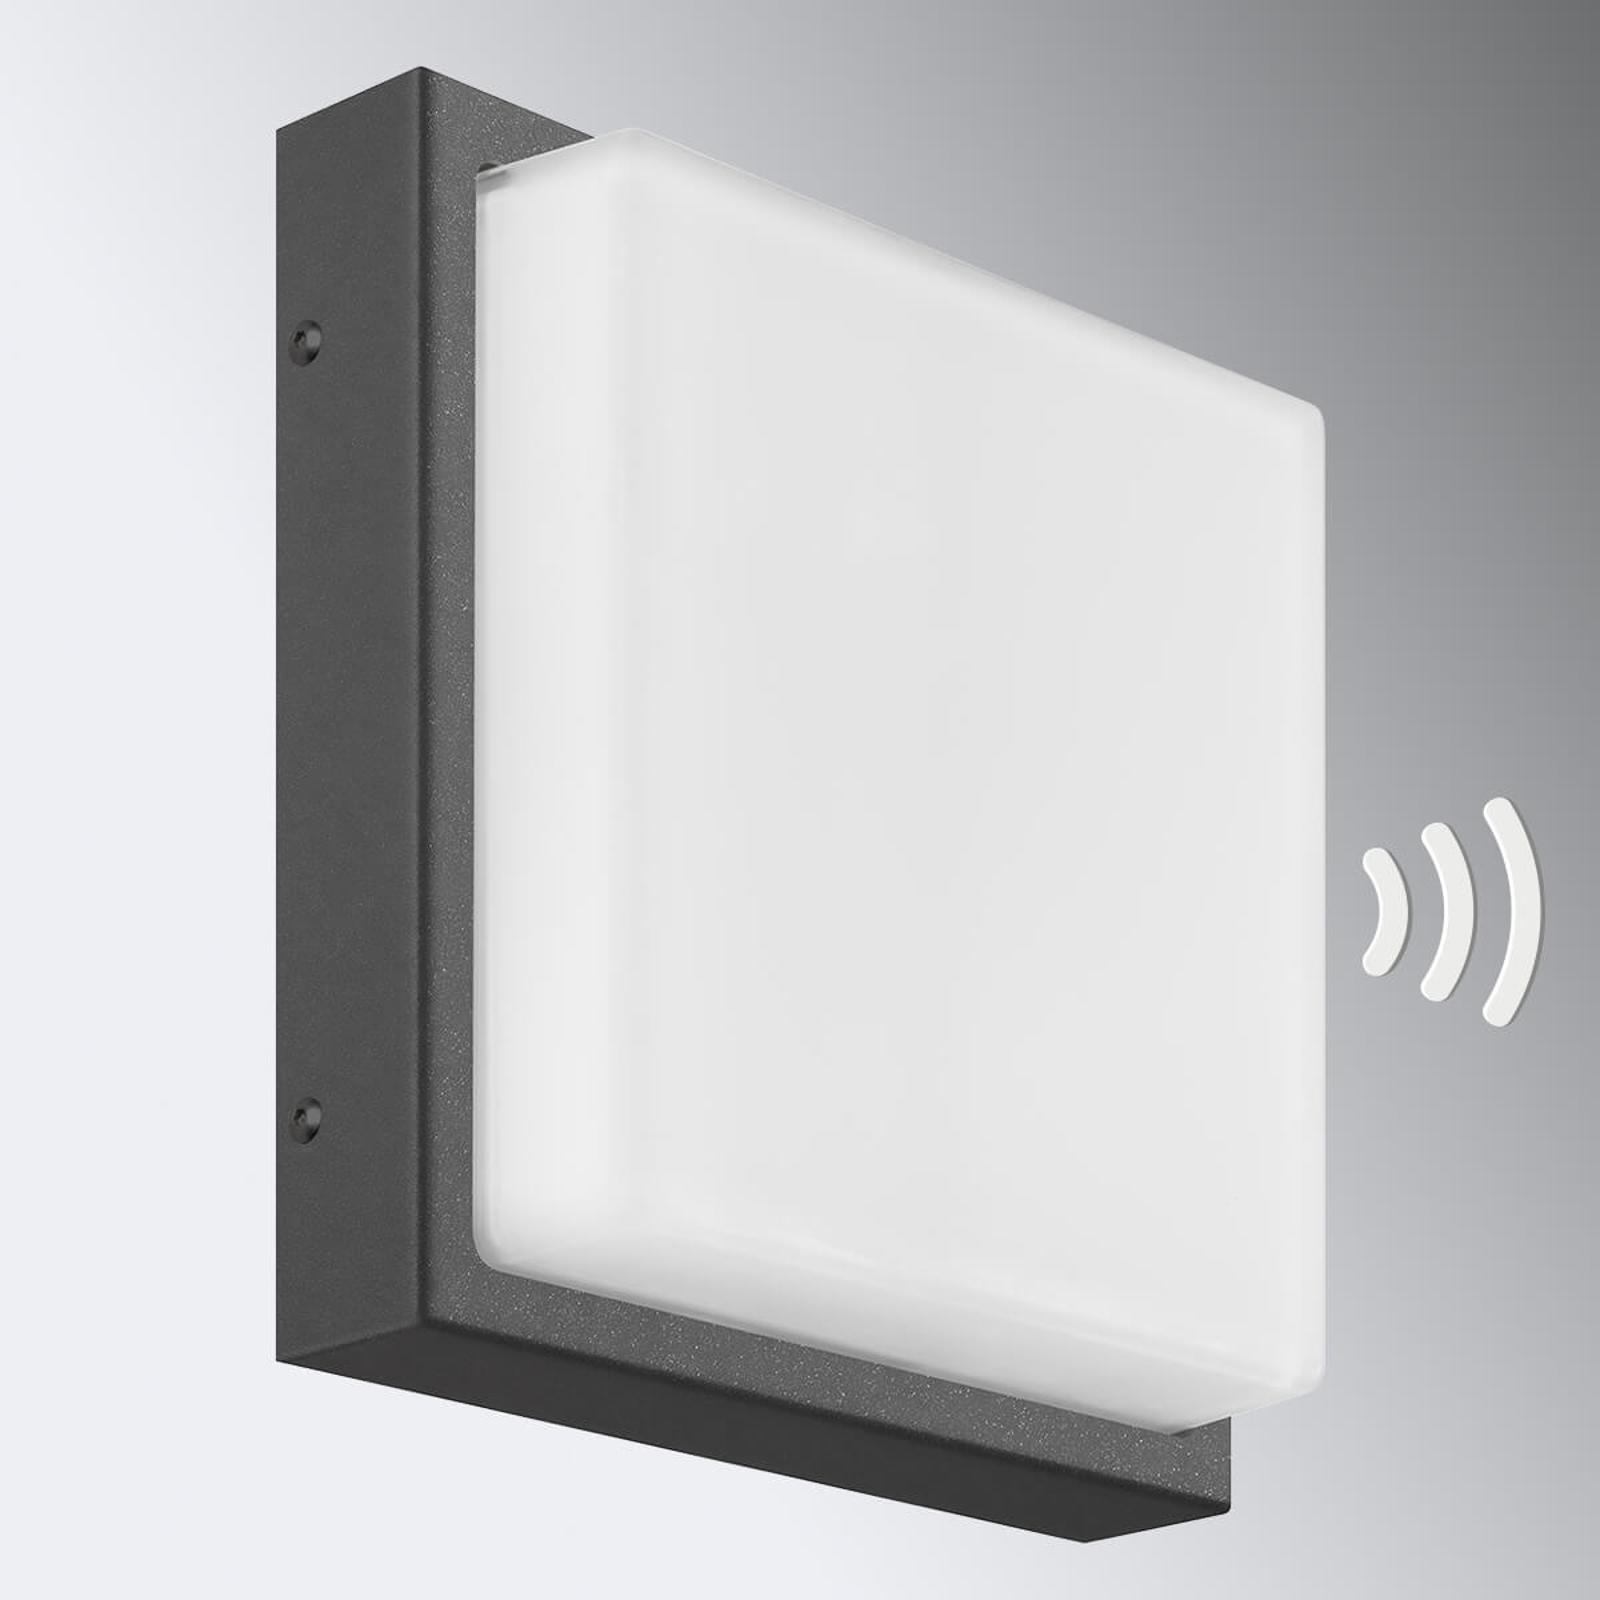 Vegglampe Ernest E27 med bevegelsessensor, grafitt